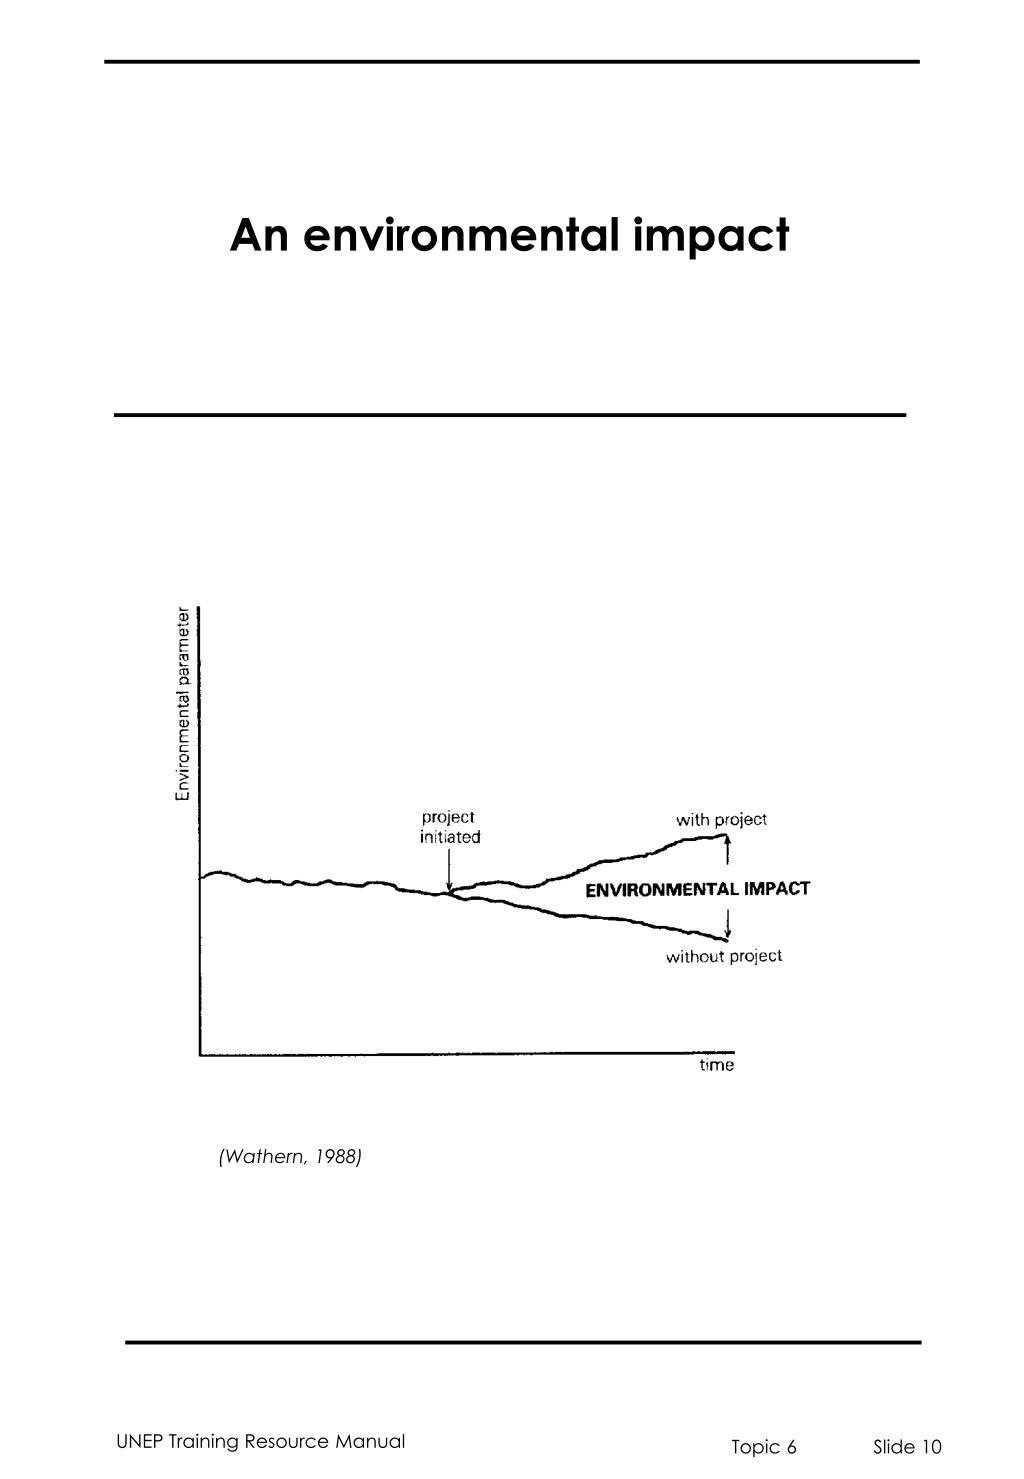 An environmental impact